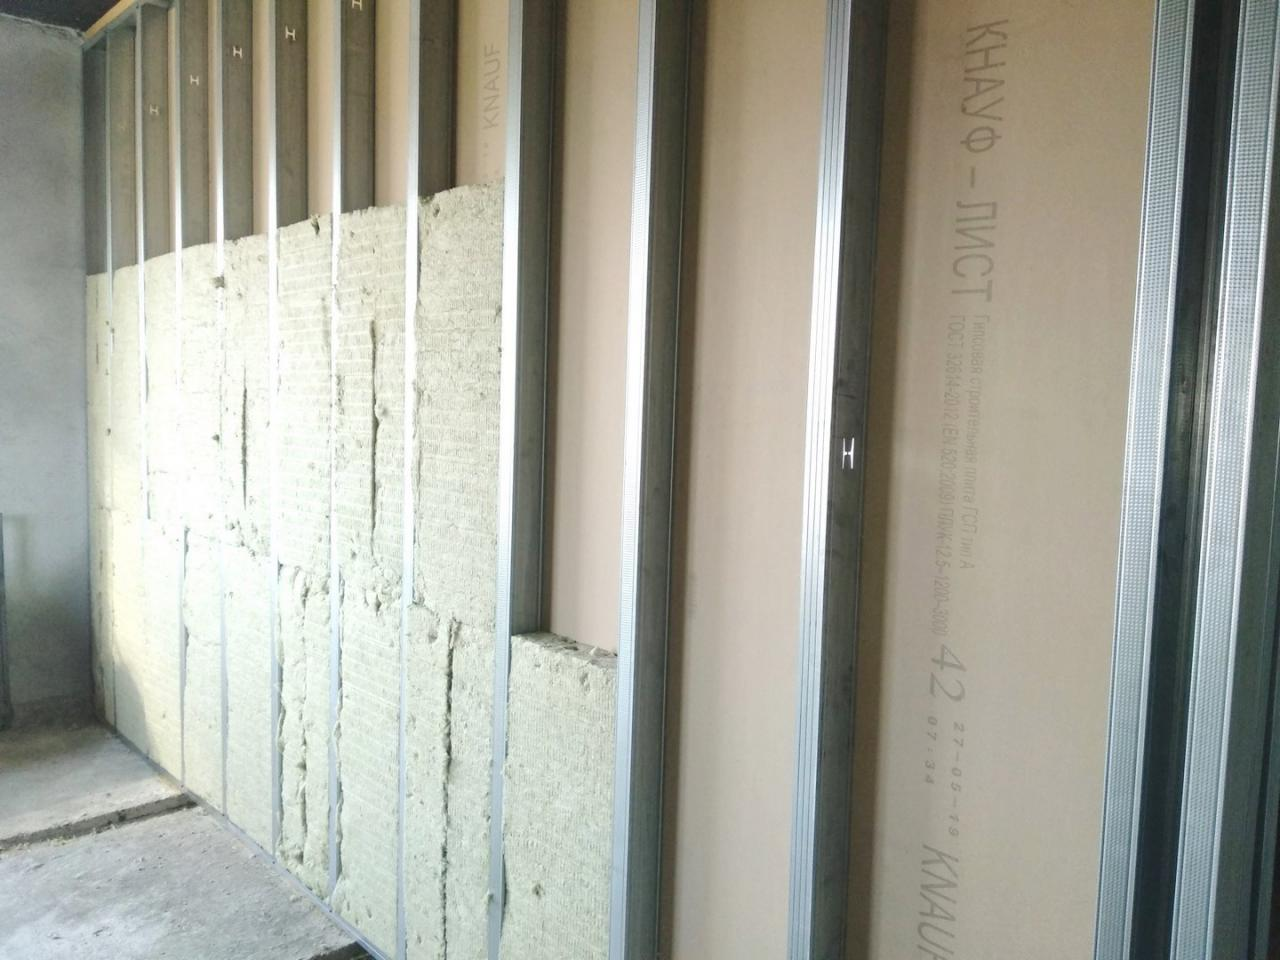 Монтаж ГКЛ на стены, потолки. Монтаж перегородки из гипсокартона  в Красноярске. | фото 1 из 6